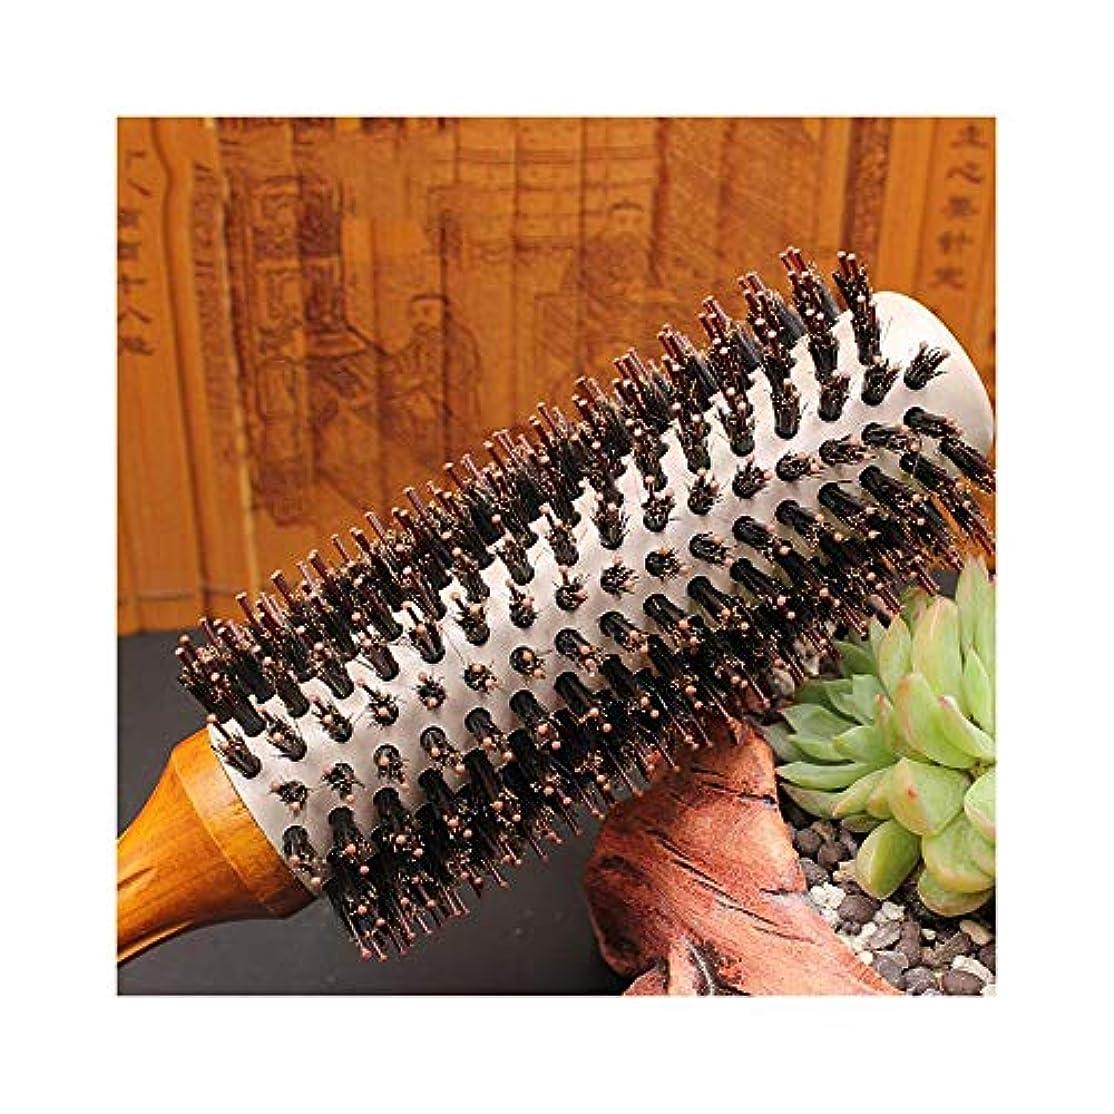 授業料に話すペルソナすべてのヘアスタイルのためにイノシシ毛&ナイロンピン - イノシシ毛ラウンド櫛ドライヘアブラシブロー ヘアケア (サイズ : XL)